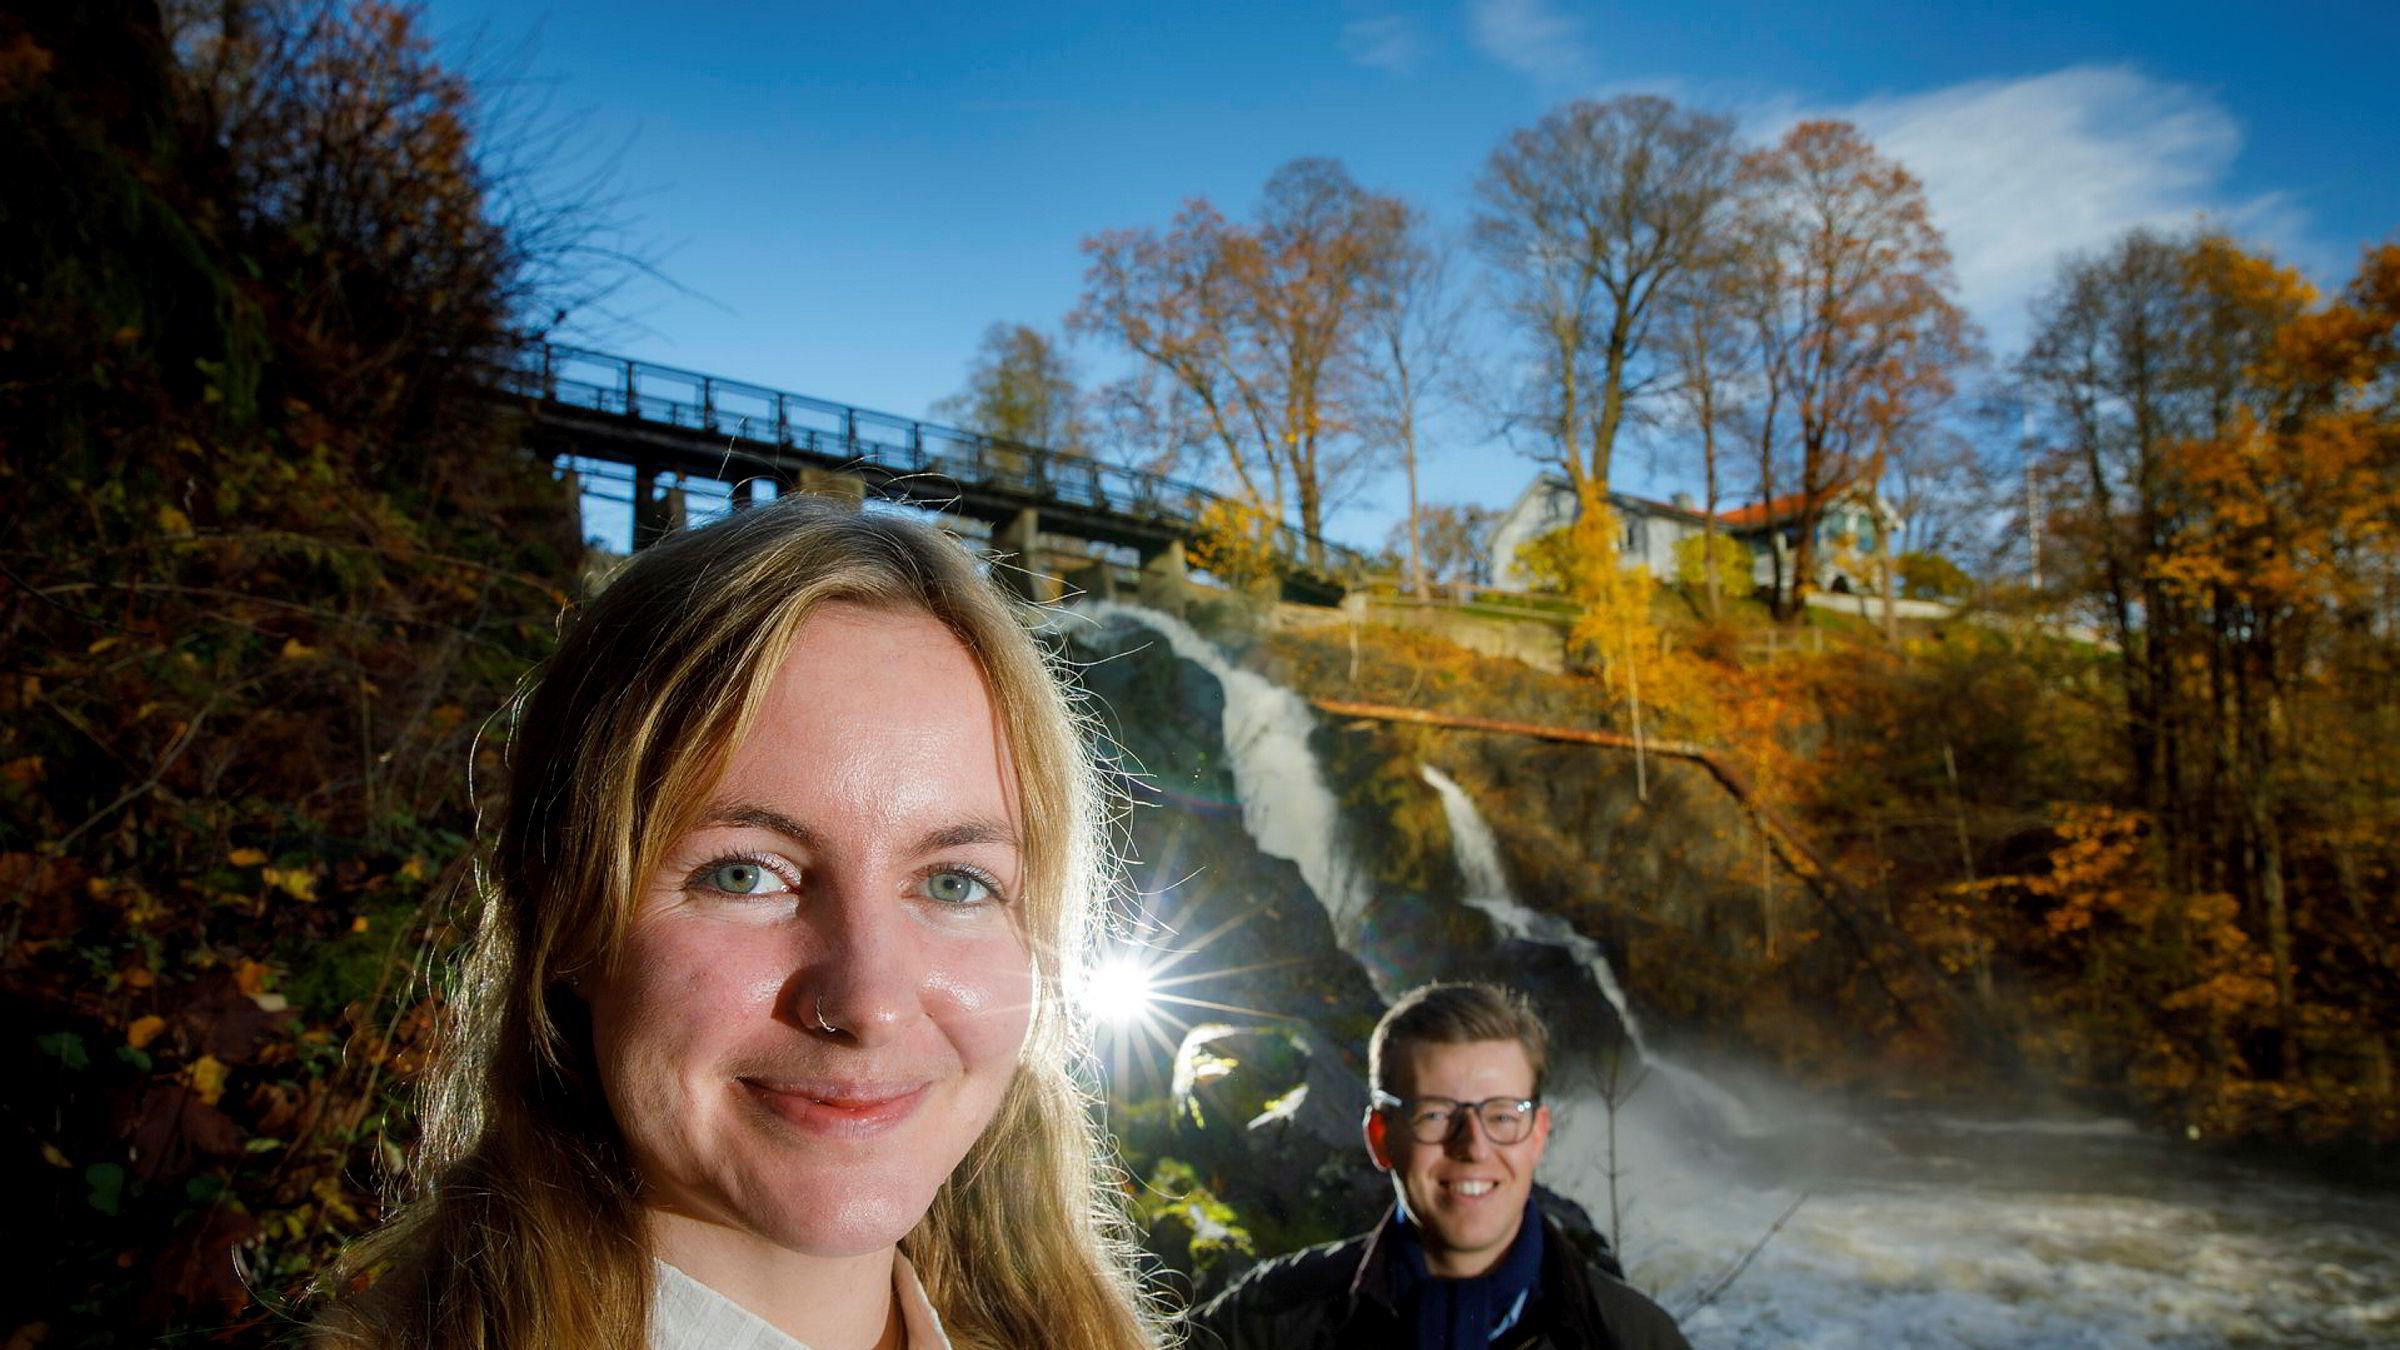 Da Statkraft ville ha syv fornybartraineer, kom det nær 1200 søknader. Siri Hartvedt Nordén og Ole-Martin Røsnæs var blant de syv som slapp gjennom nåløyet.